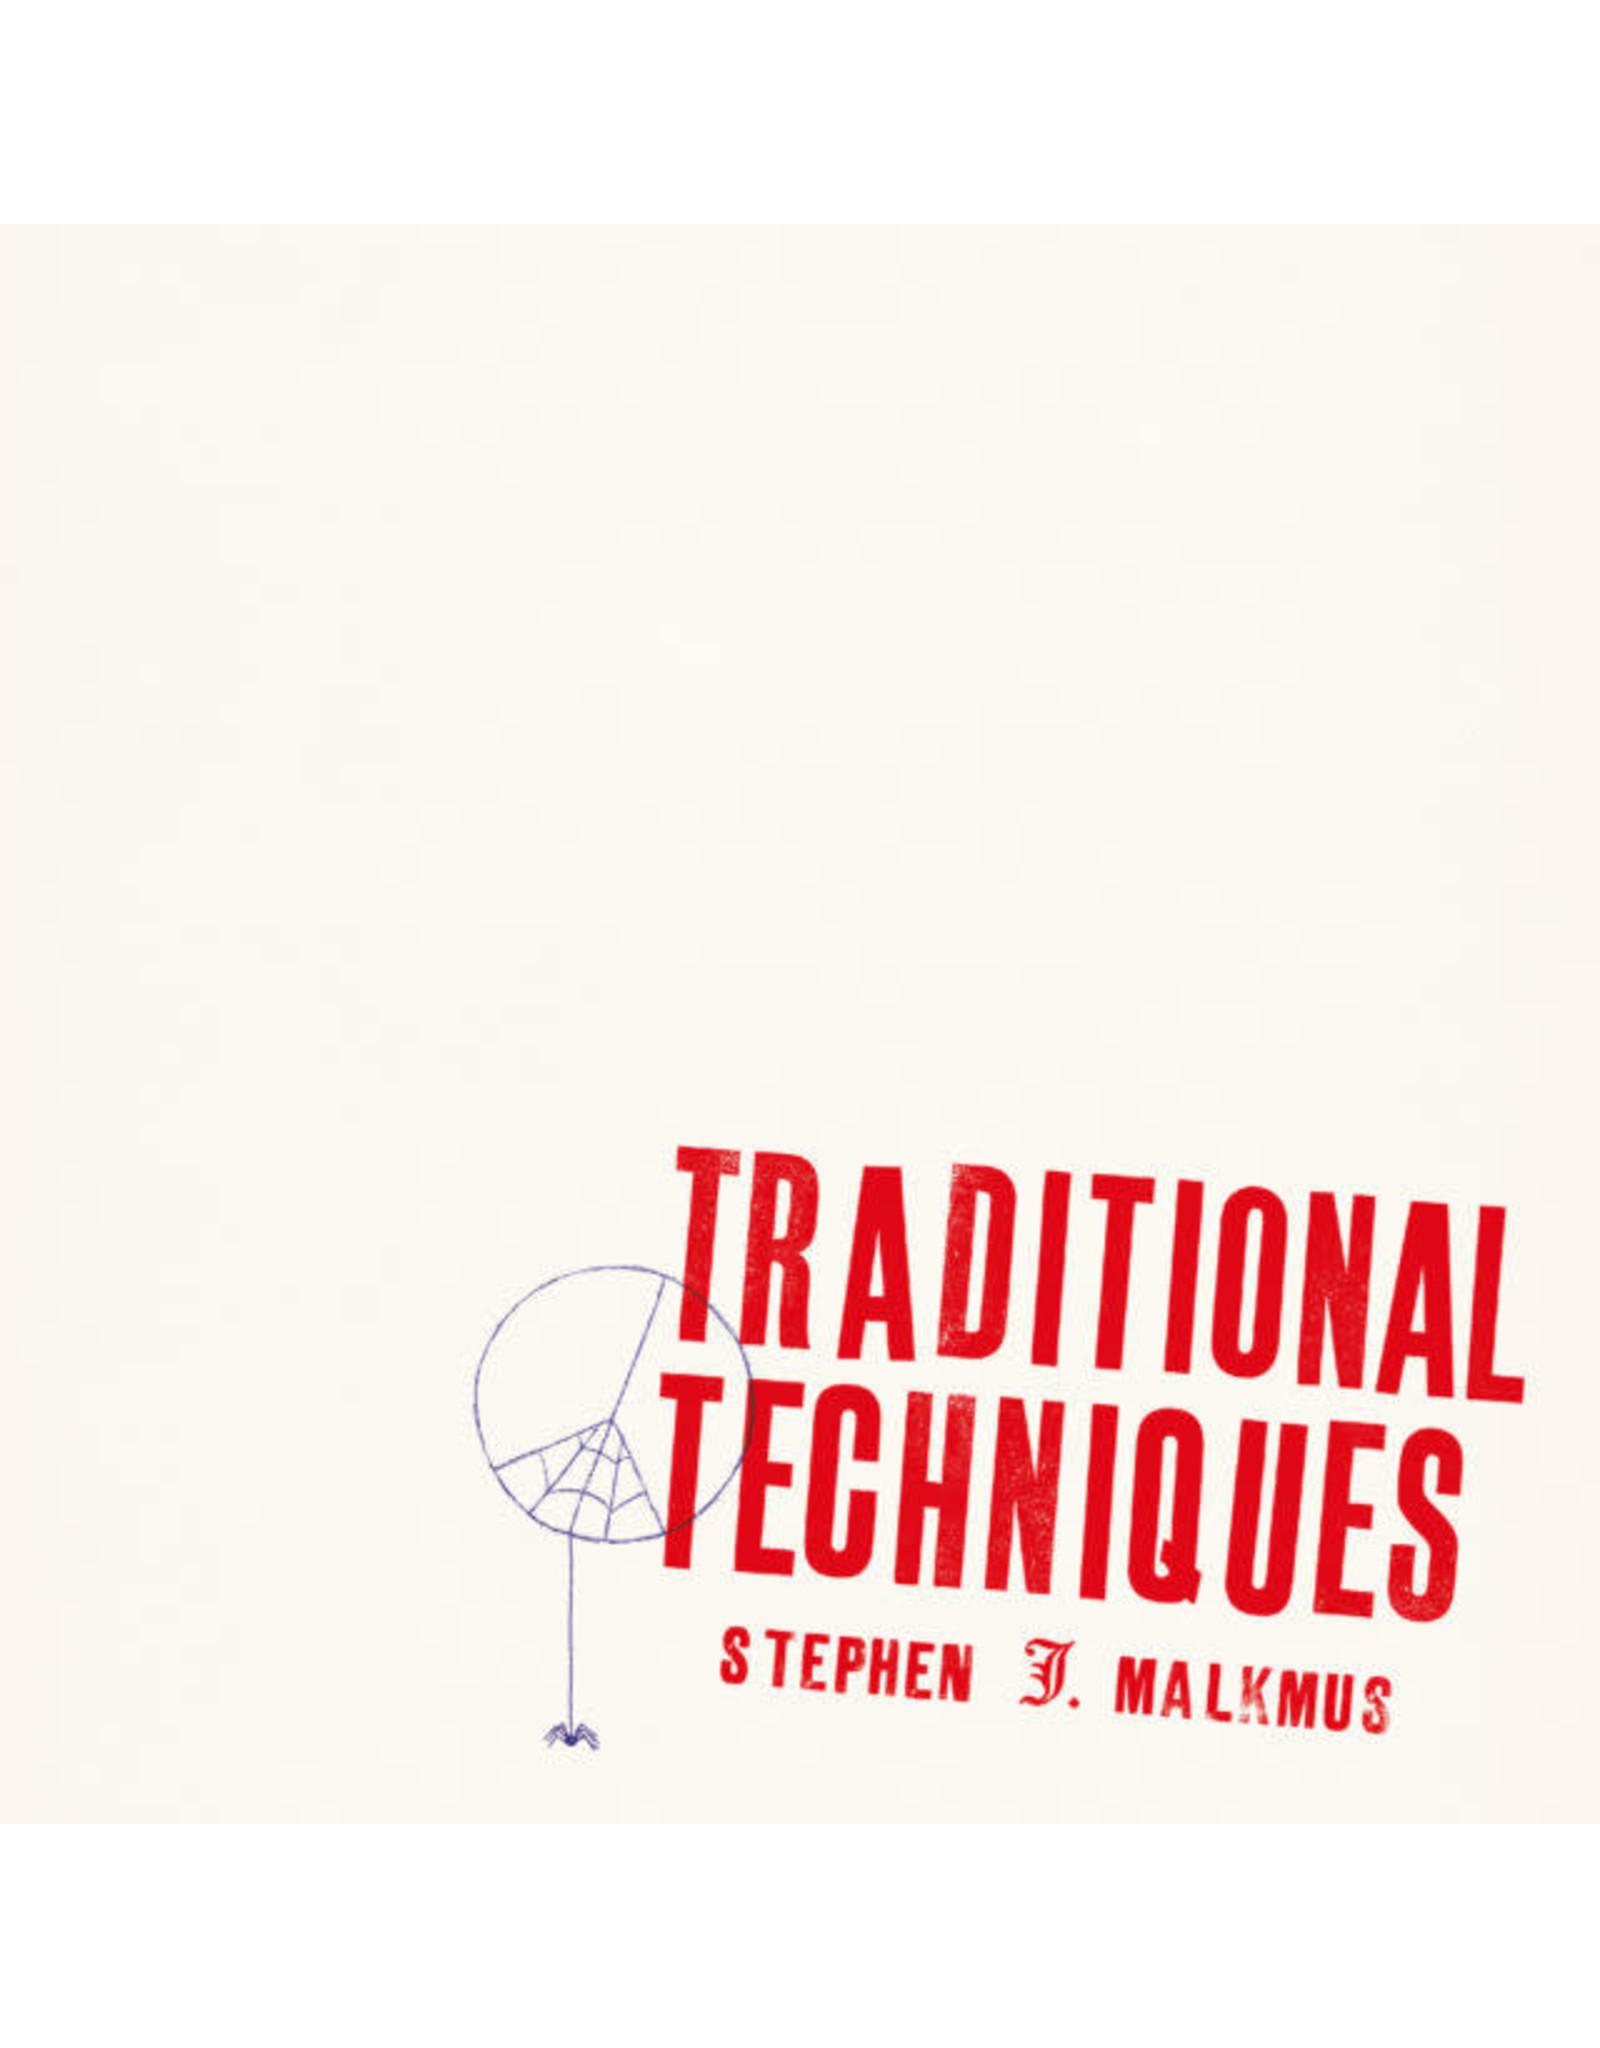 Malkmus, Stephen J. - Traditional Techniques LP